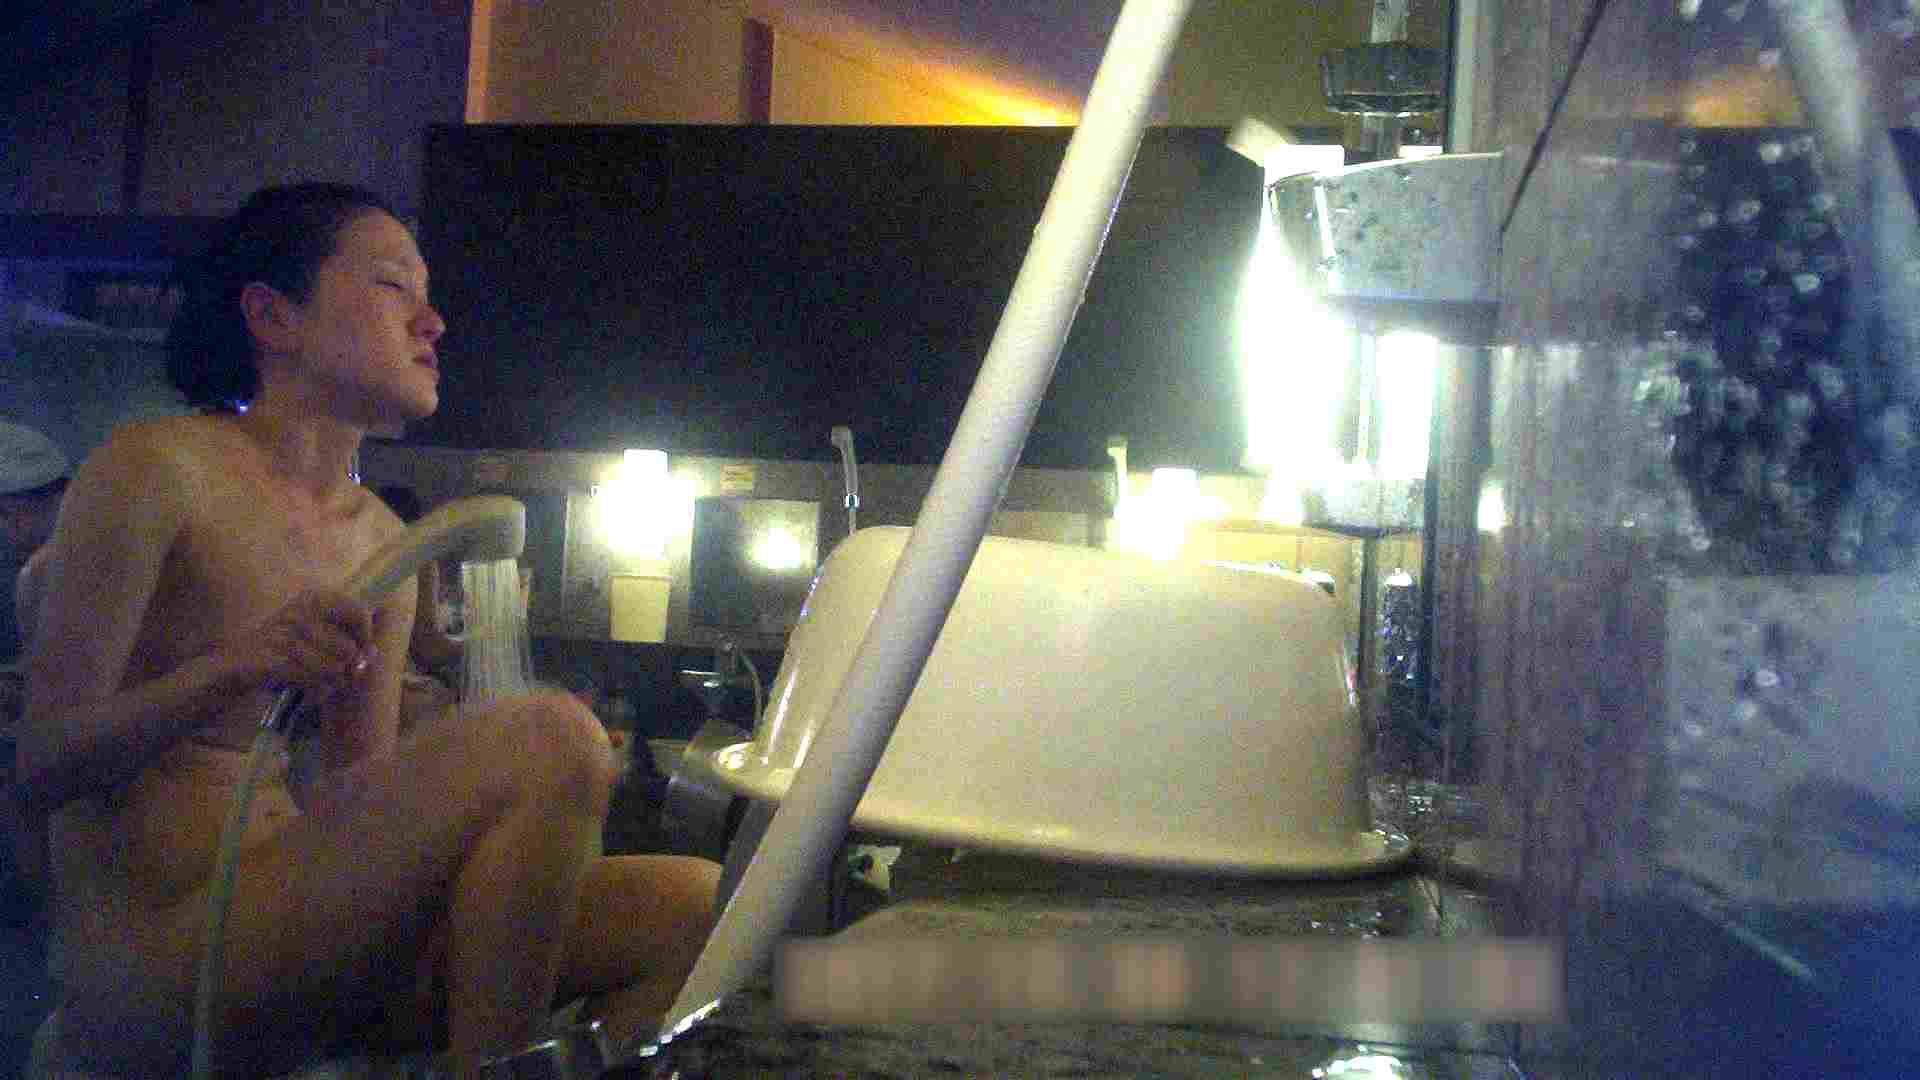 TG.06 【二等兵】スレンダー奥様の可愛い微乳 女風呂ハメ撮り | 潜入エロ調査  75連発 46